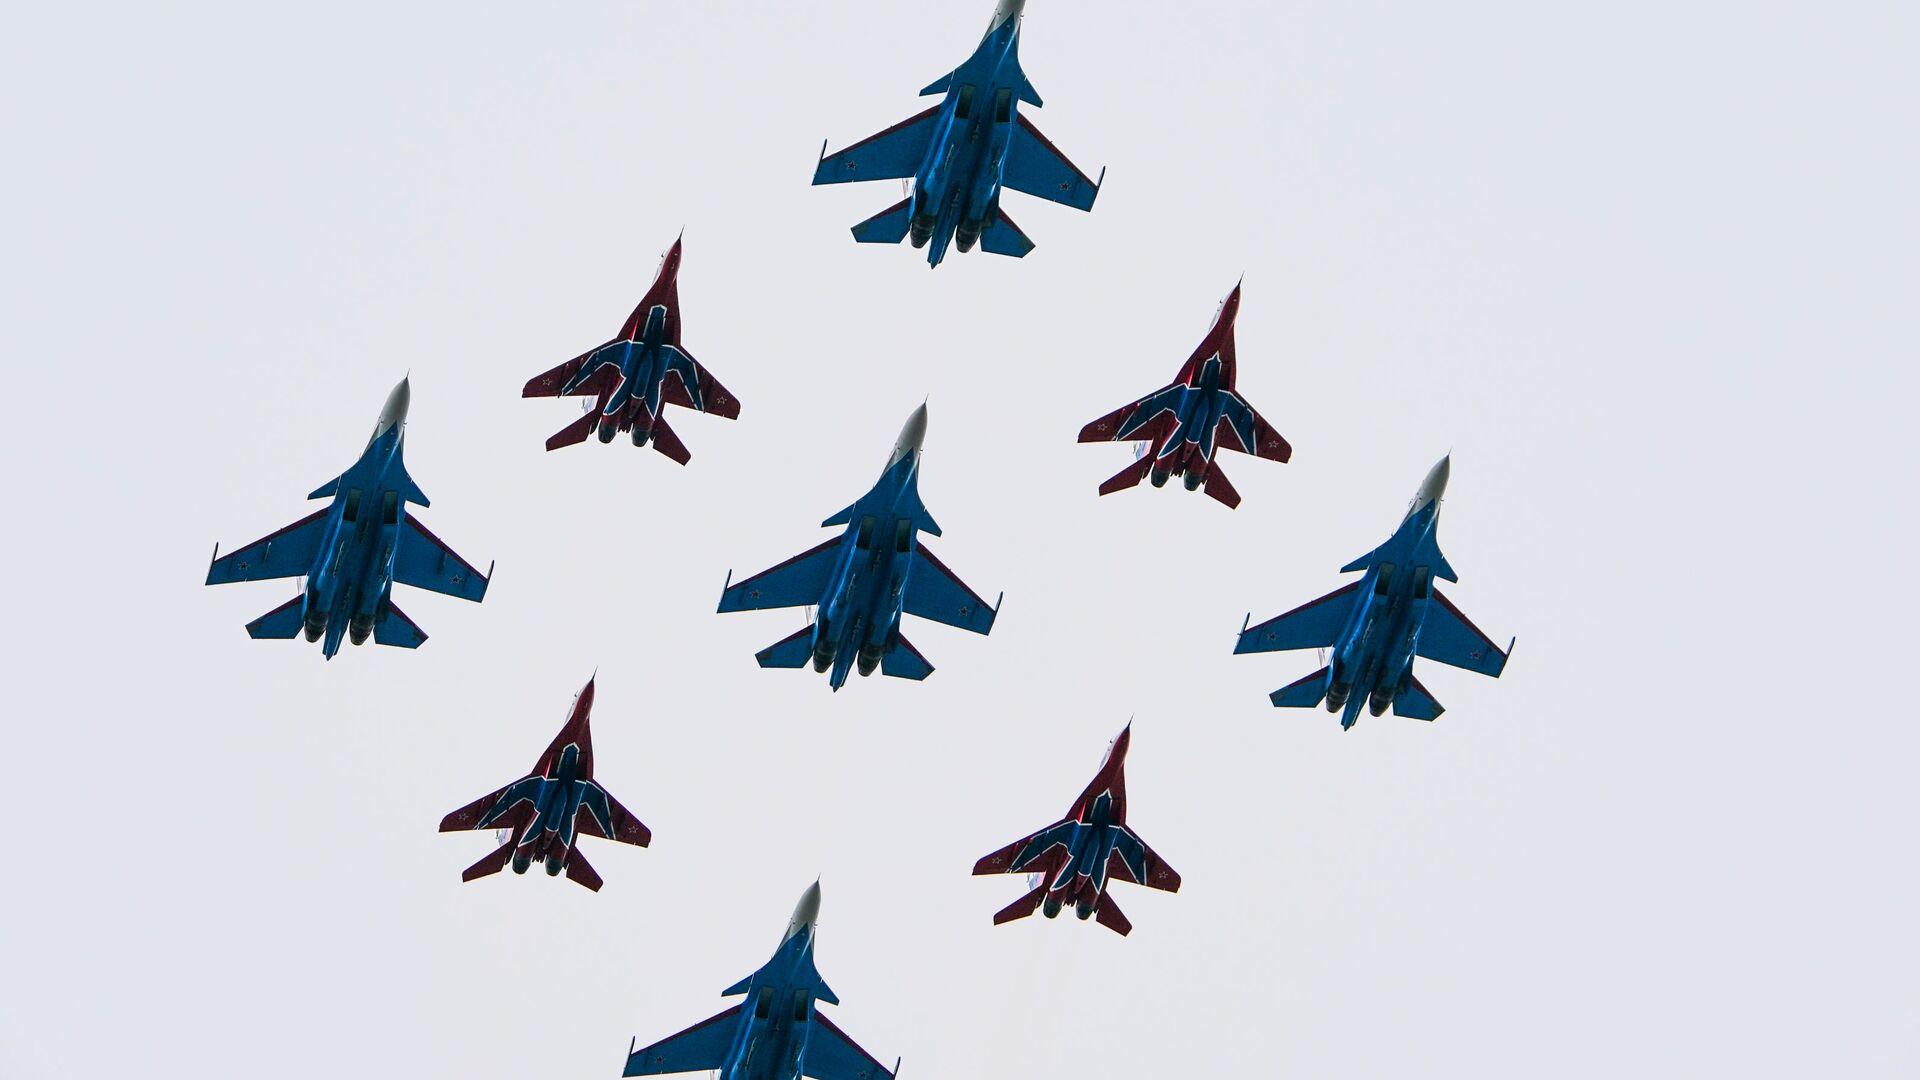 El grupo aéreo formado por los Strizhí y Russkie Vitiazi (Caballeros rusos) - Sputnik Mundo, 1920, 27.08.2021